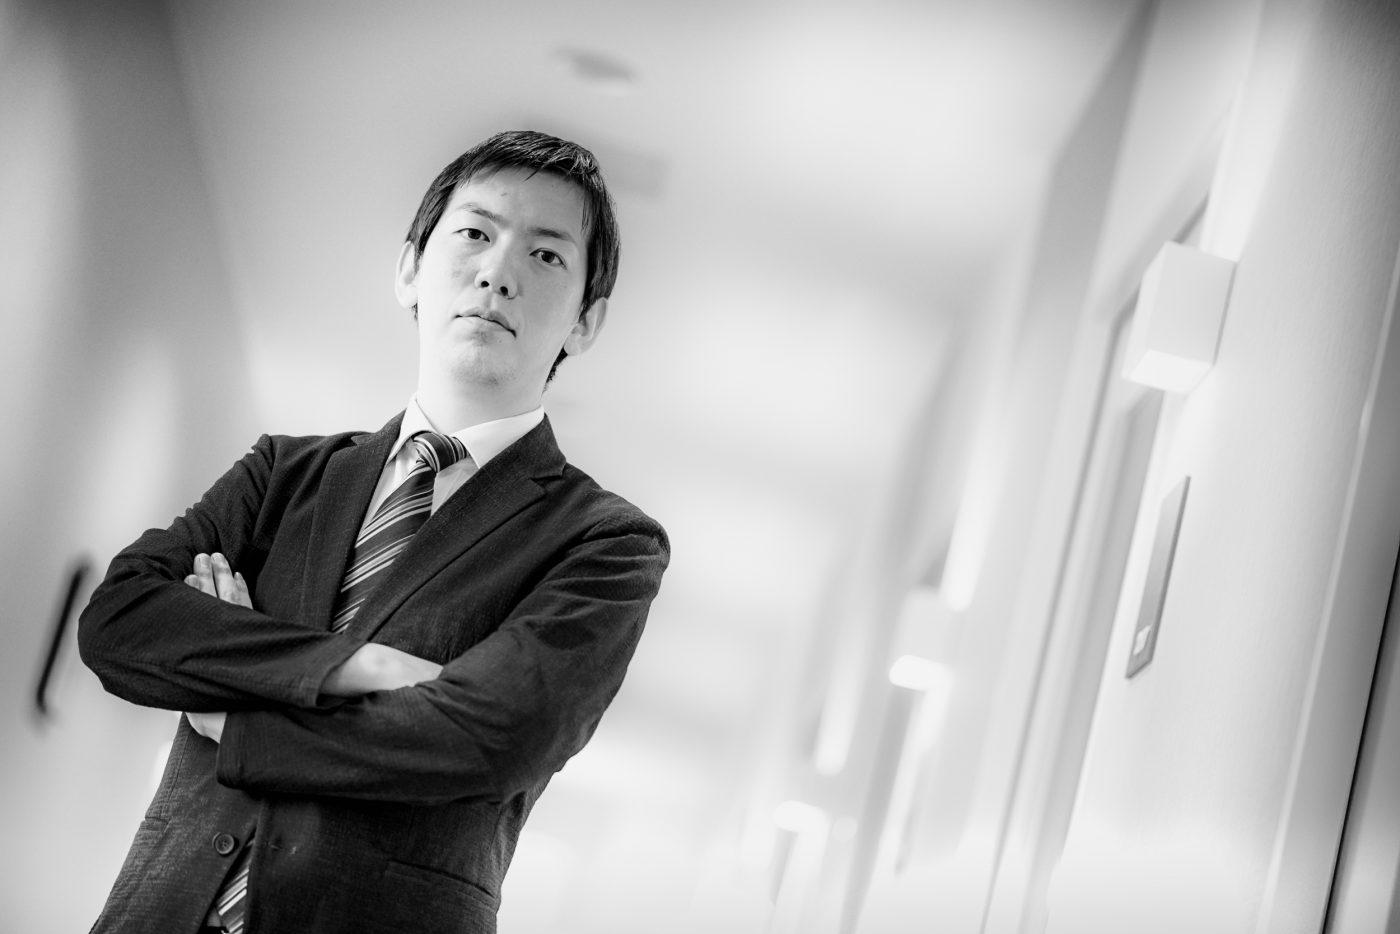 【インタビュー】医療業界における新規事業エキスパートに何が求められるか。加藤浩晃(第4回)